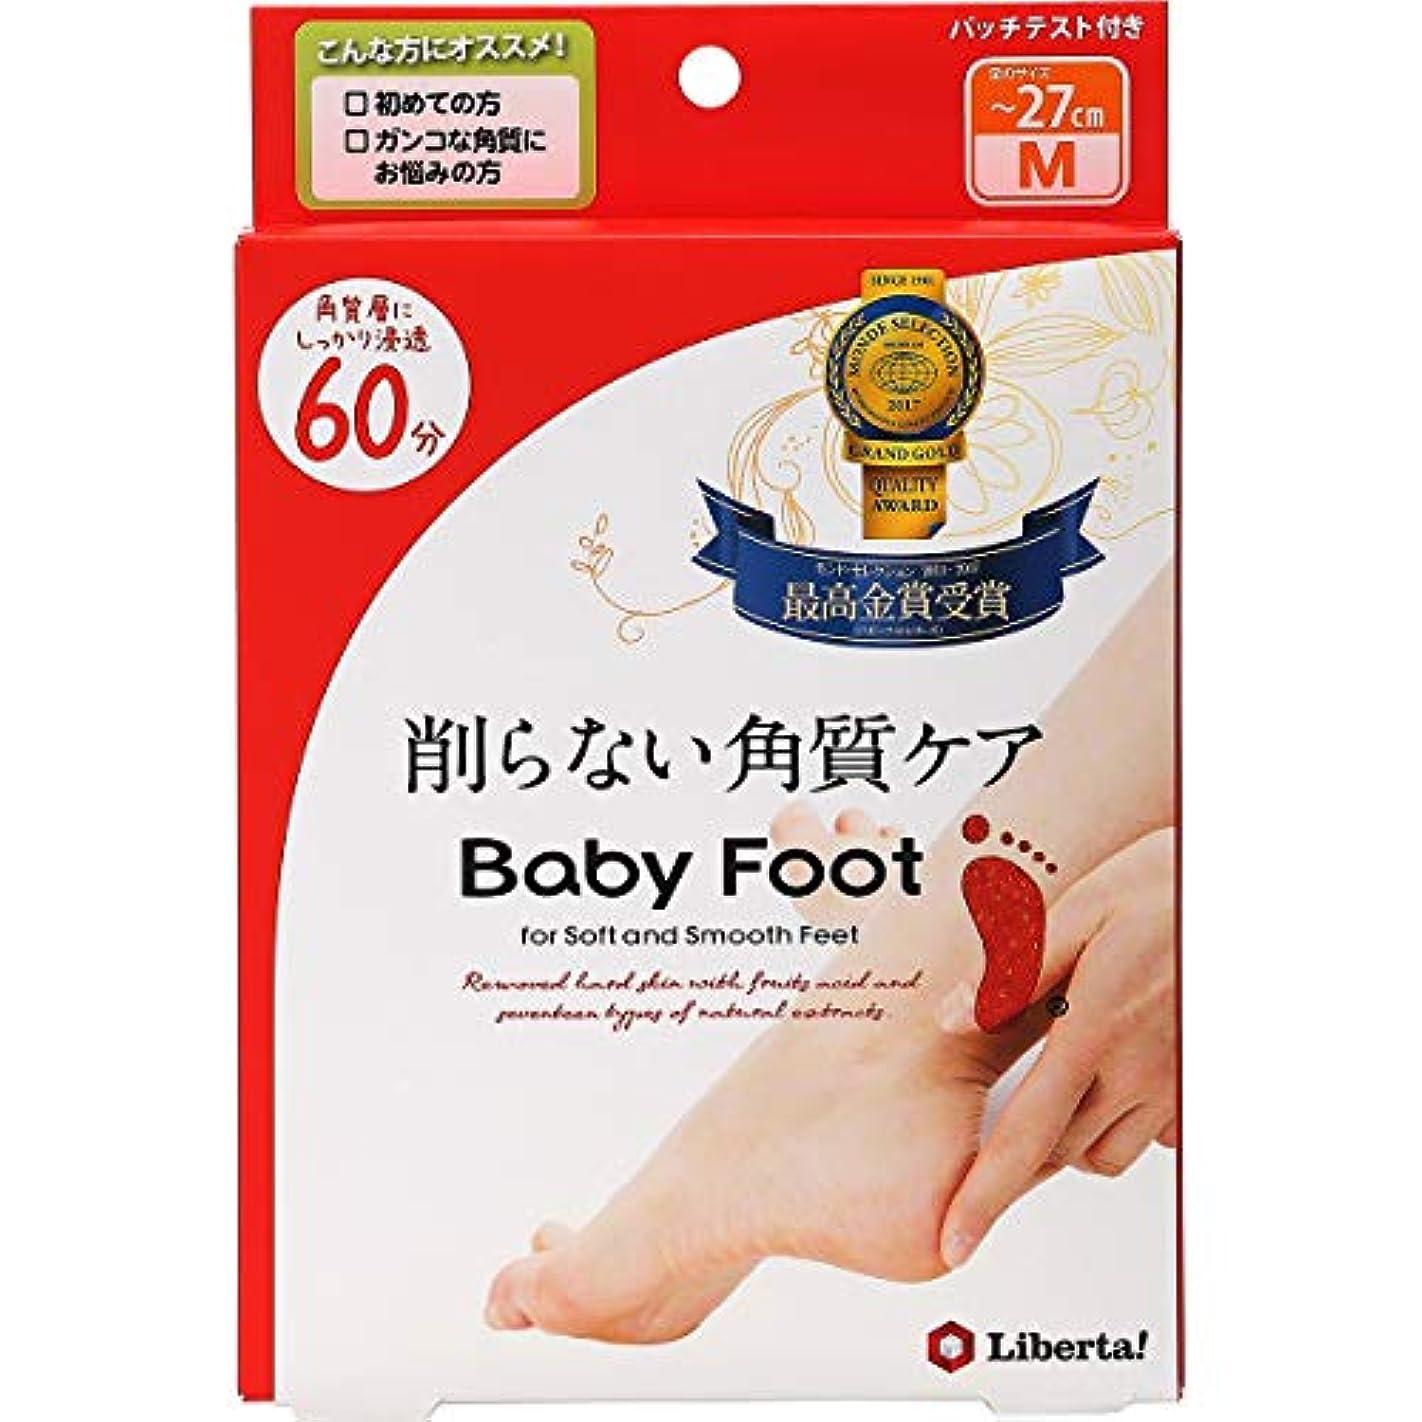 口頭空気玉ねぎベビーフット (Baby Foot) ベビーフット イージーパック SPT60分タイプ Mサイズ 単品